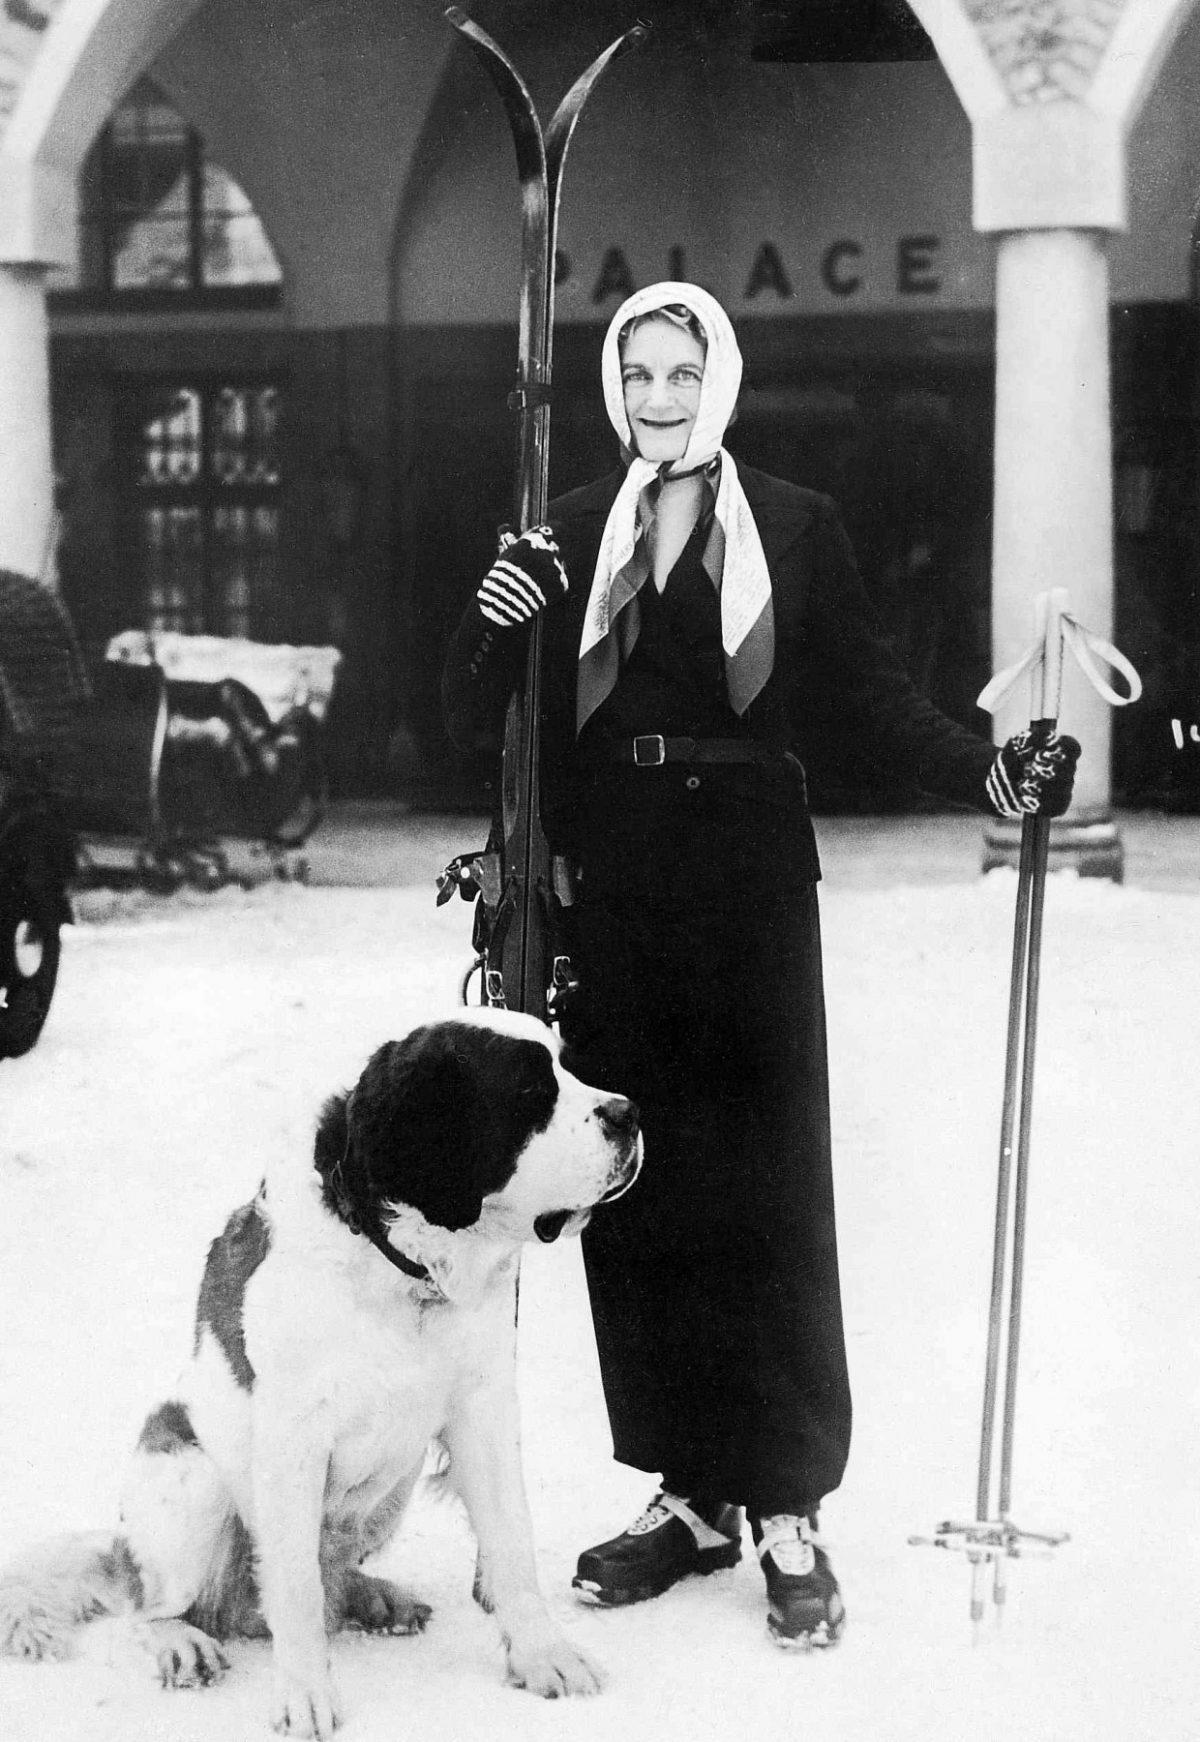 Schwarzweissbild von Clementine Churchill und Hund in St. Moritz